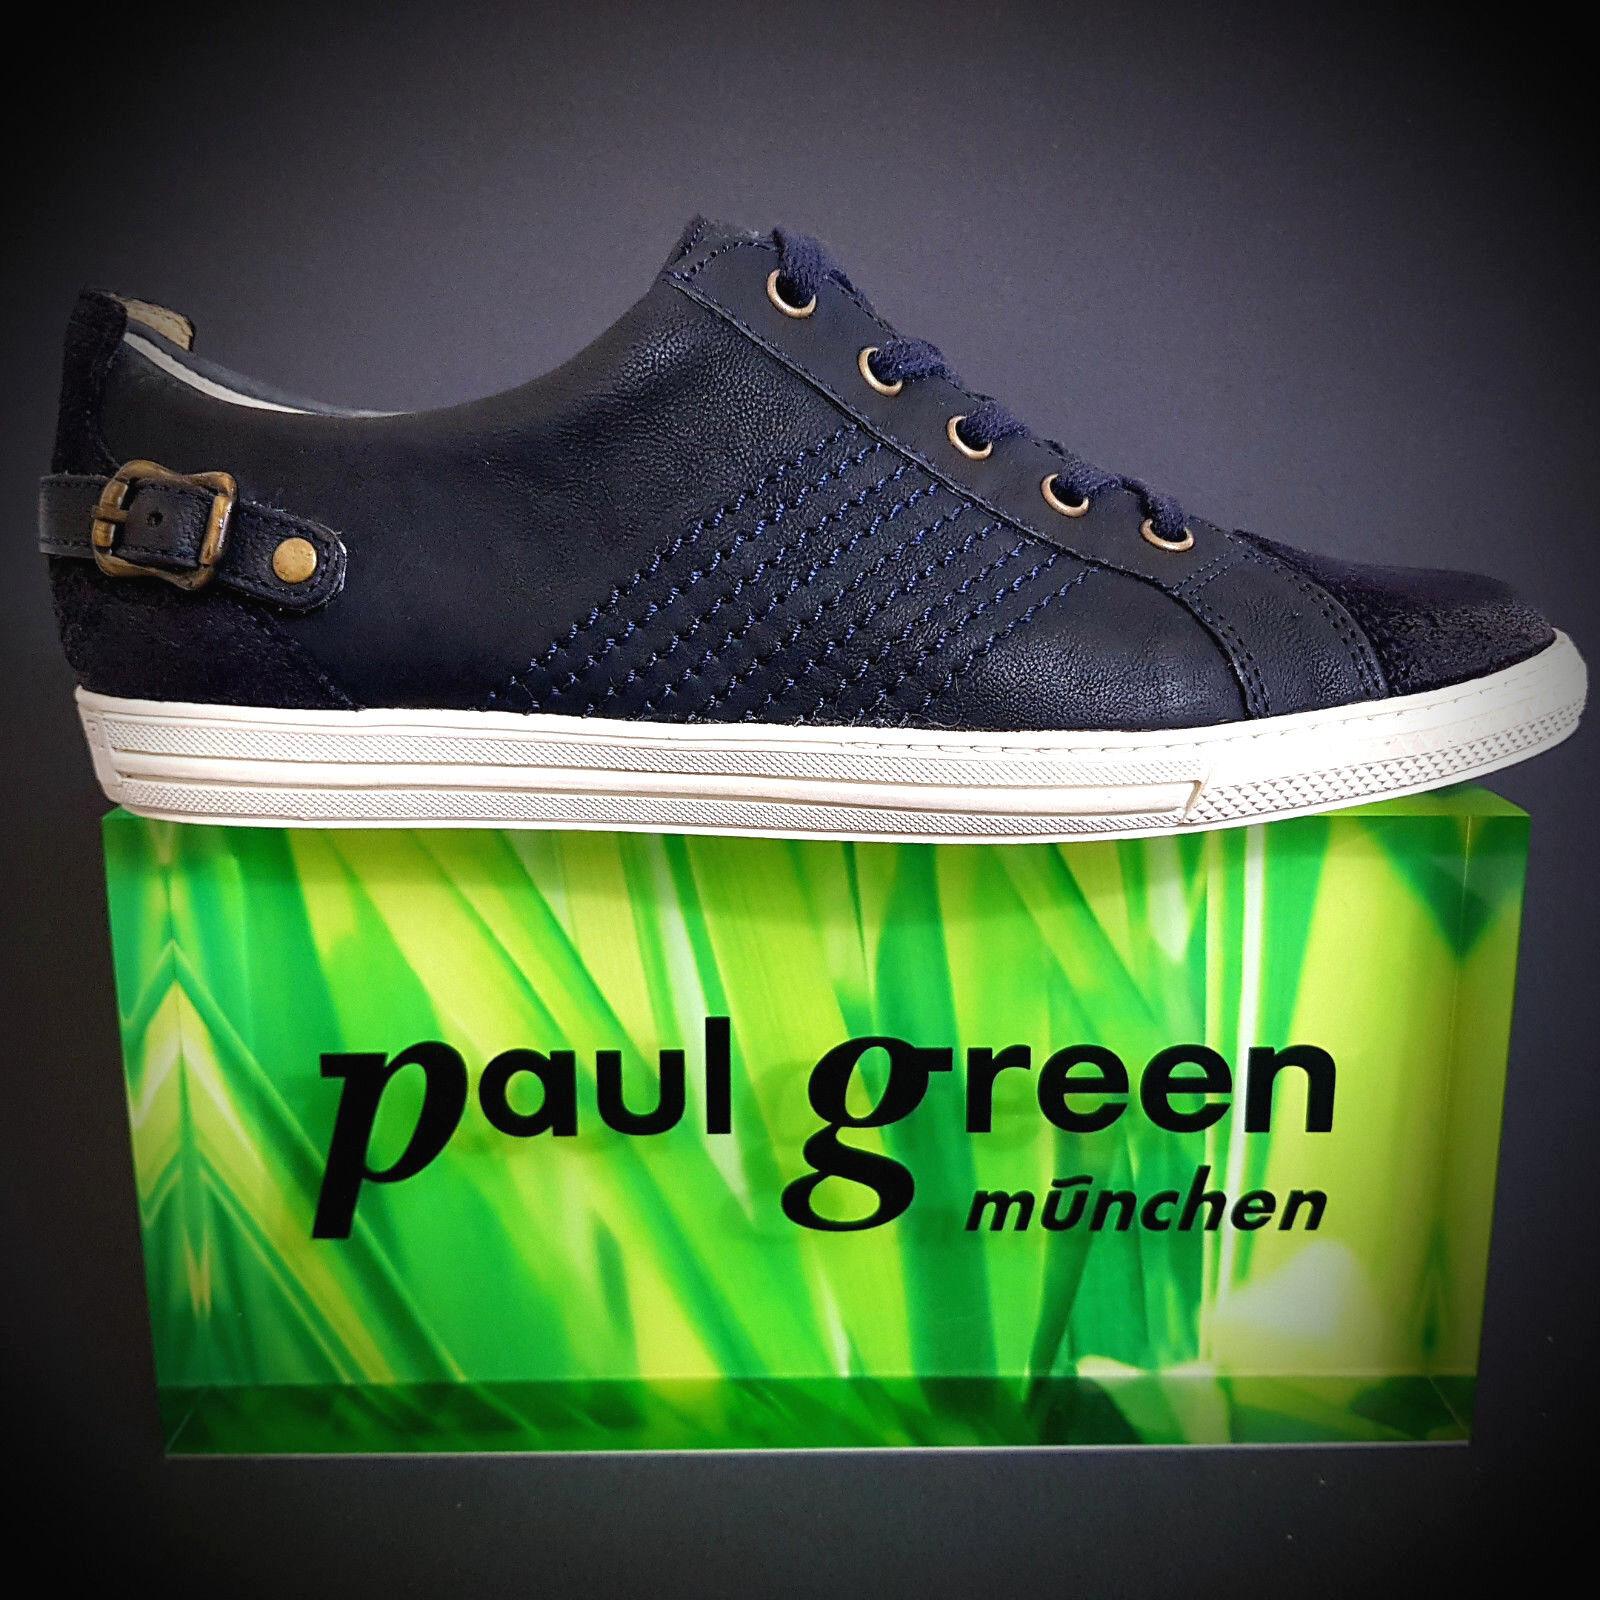 disponibile Paul verde scarpe da ginnastica Donna Scarpe normalissime normalissime normalissime Nuovo Pelle Ocean Blu Paulis  punti vendita